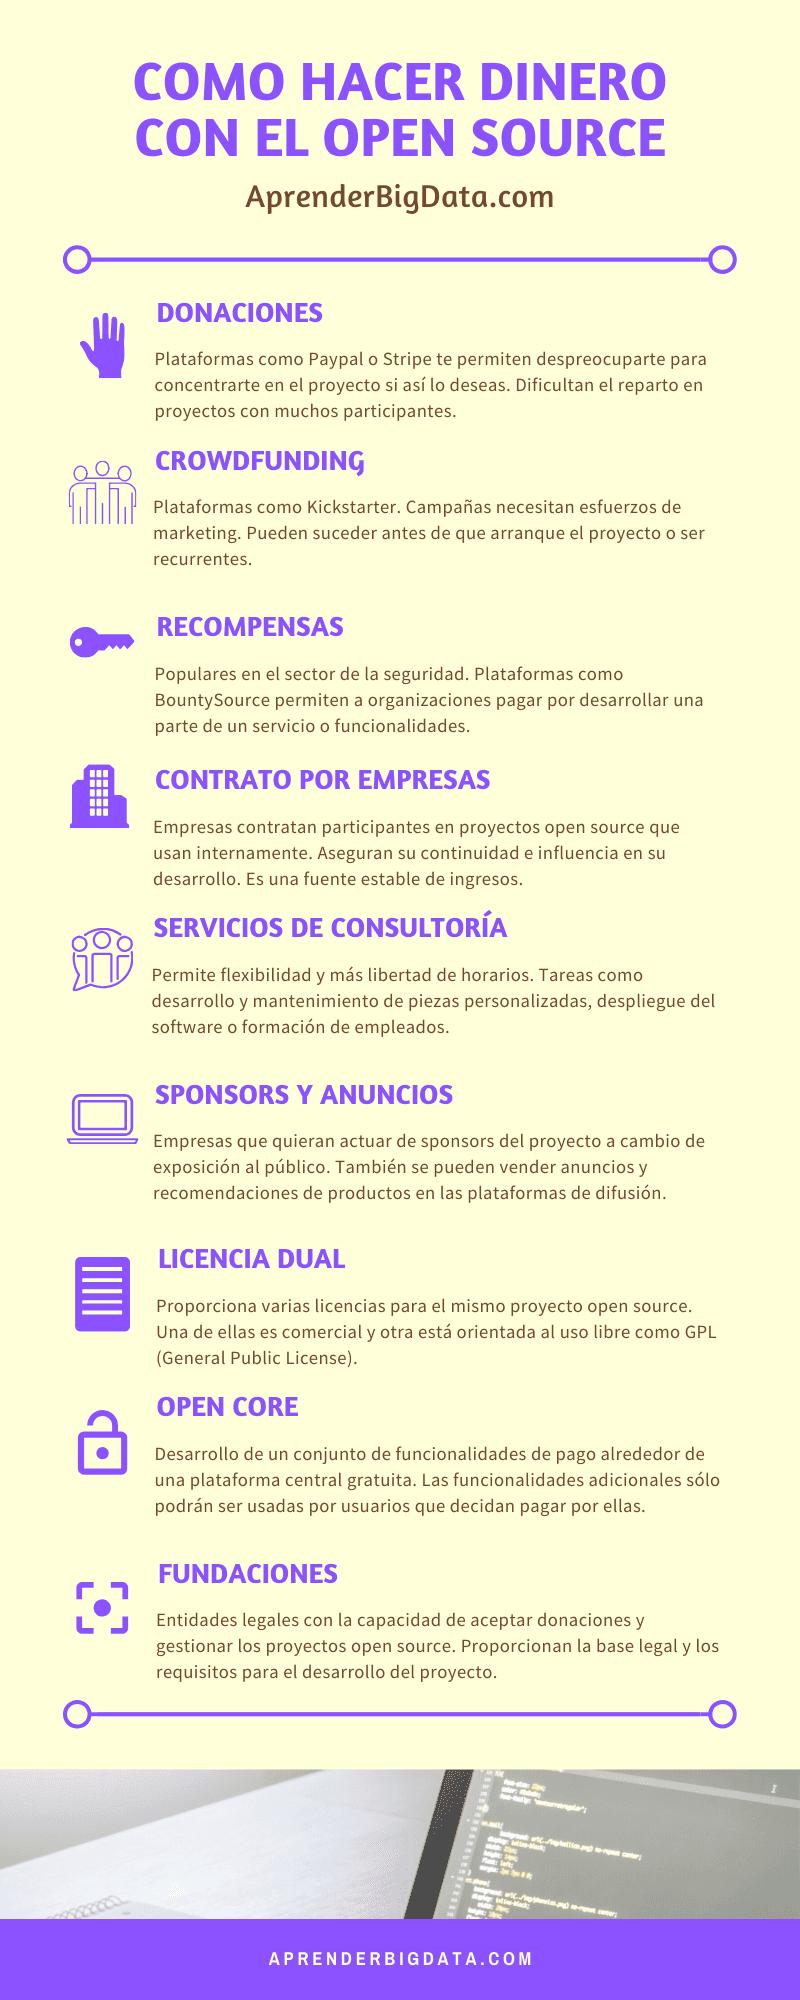 9 formas de hacer dinero con el open source